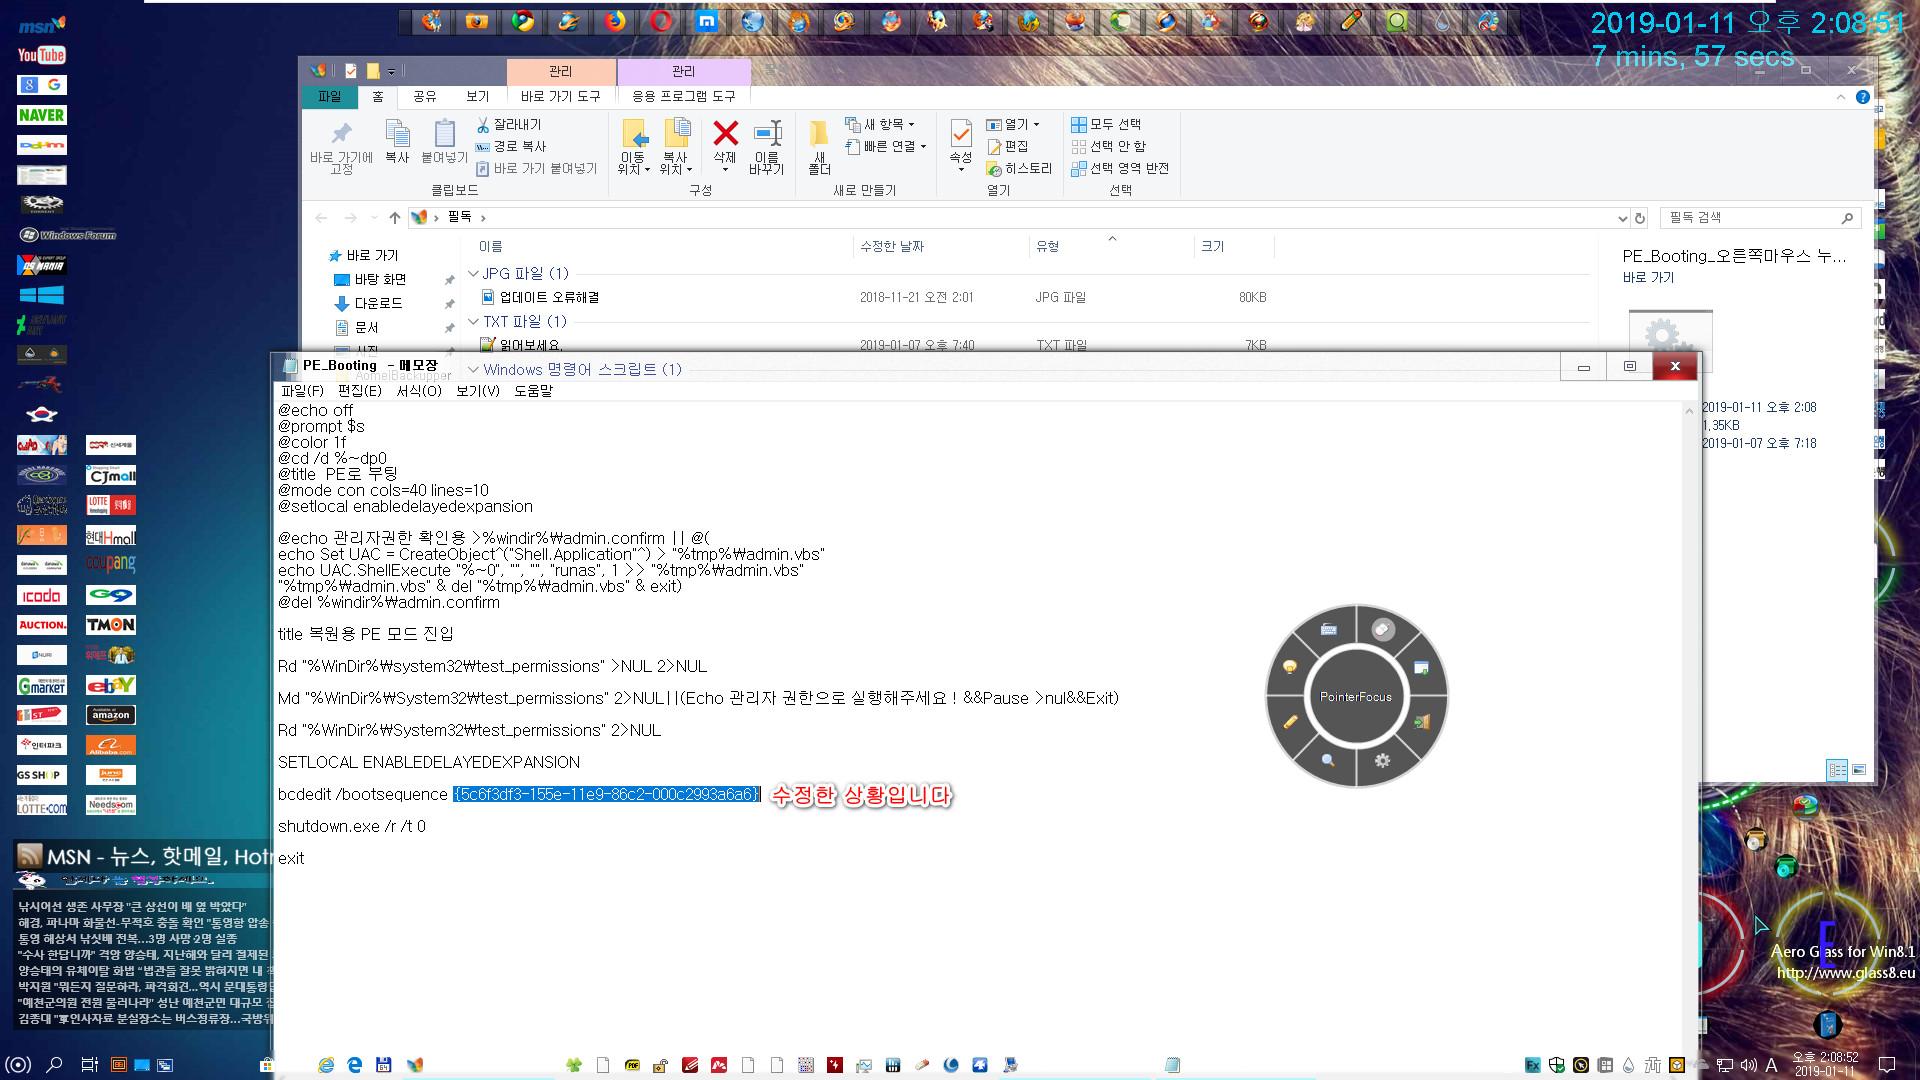 태풍OO님 Win10_Rs5_pArAoTPg35_윈도와PE의프로그램들공유-vhd만들어서vmware에연결 - 우클릭 메뉴의 PE 부팅 수정하기 2019-01-11_140852.jpg